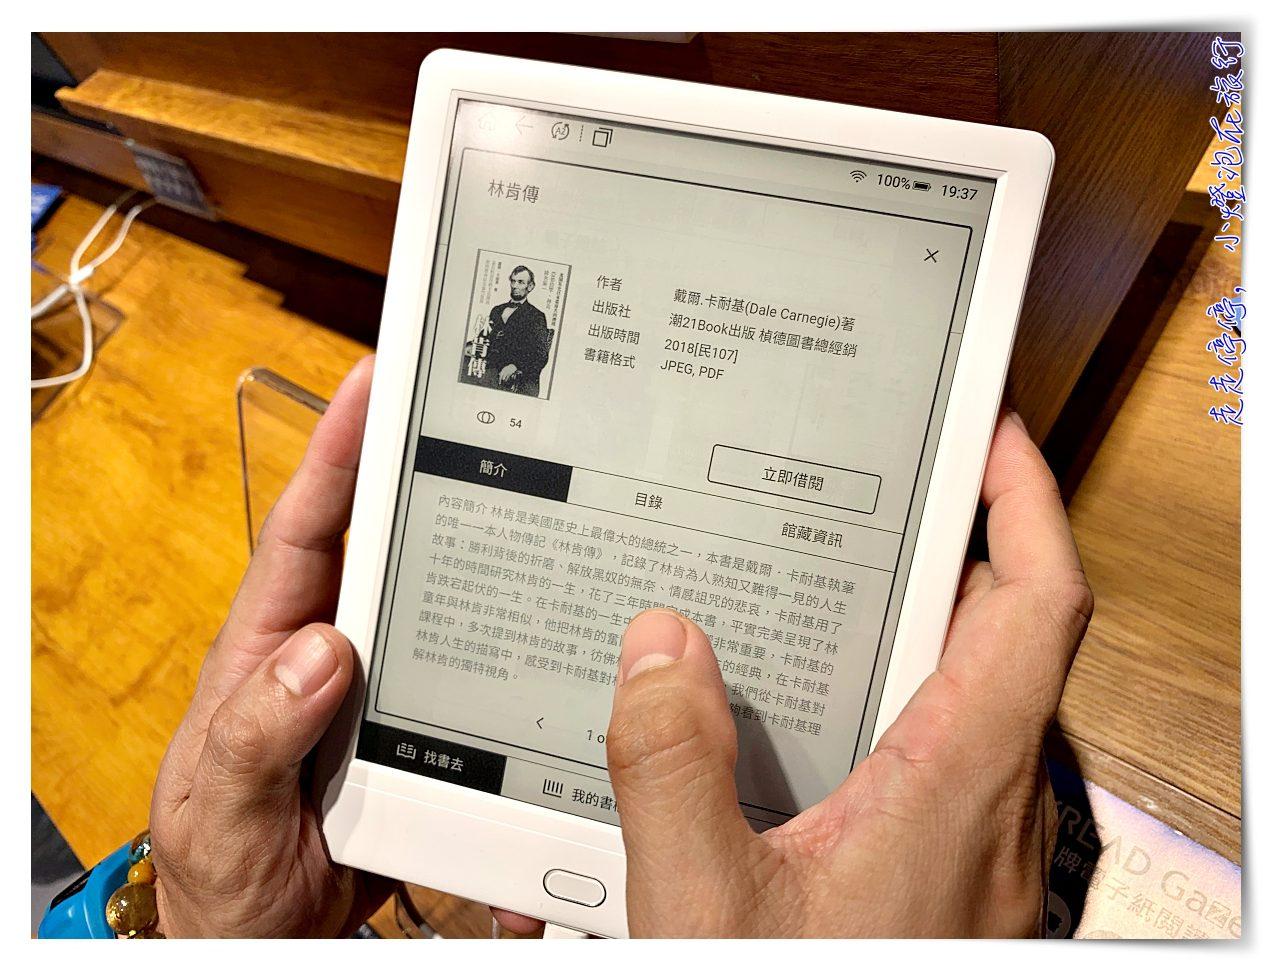 電子閱讀器推薦|Hyread Gaze,給畢業生最好的閱讀禮物~免費圖書館借書、線上購書、電子紙減低眼睛的負擔